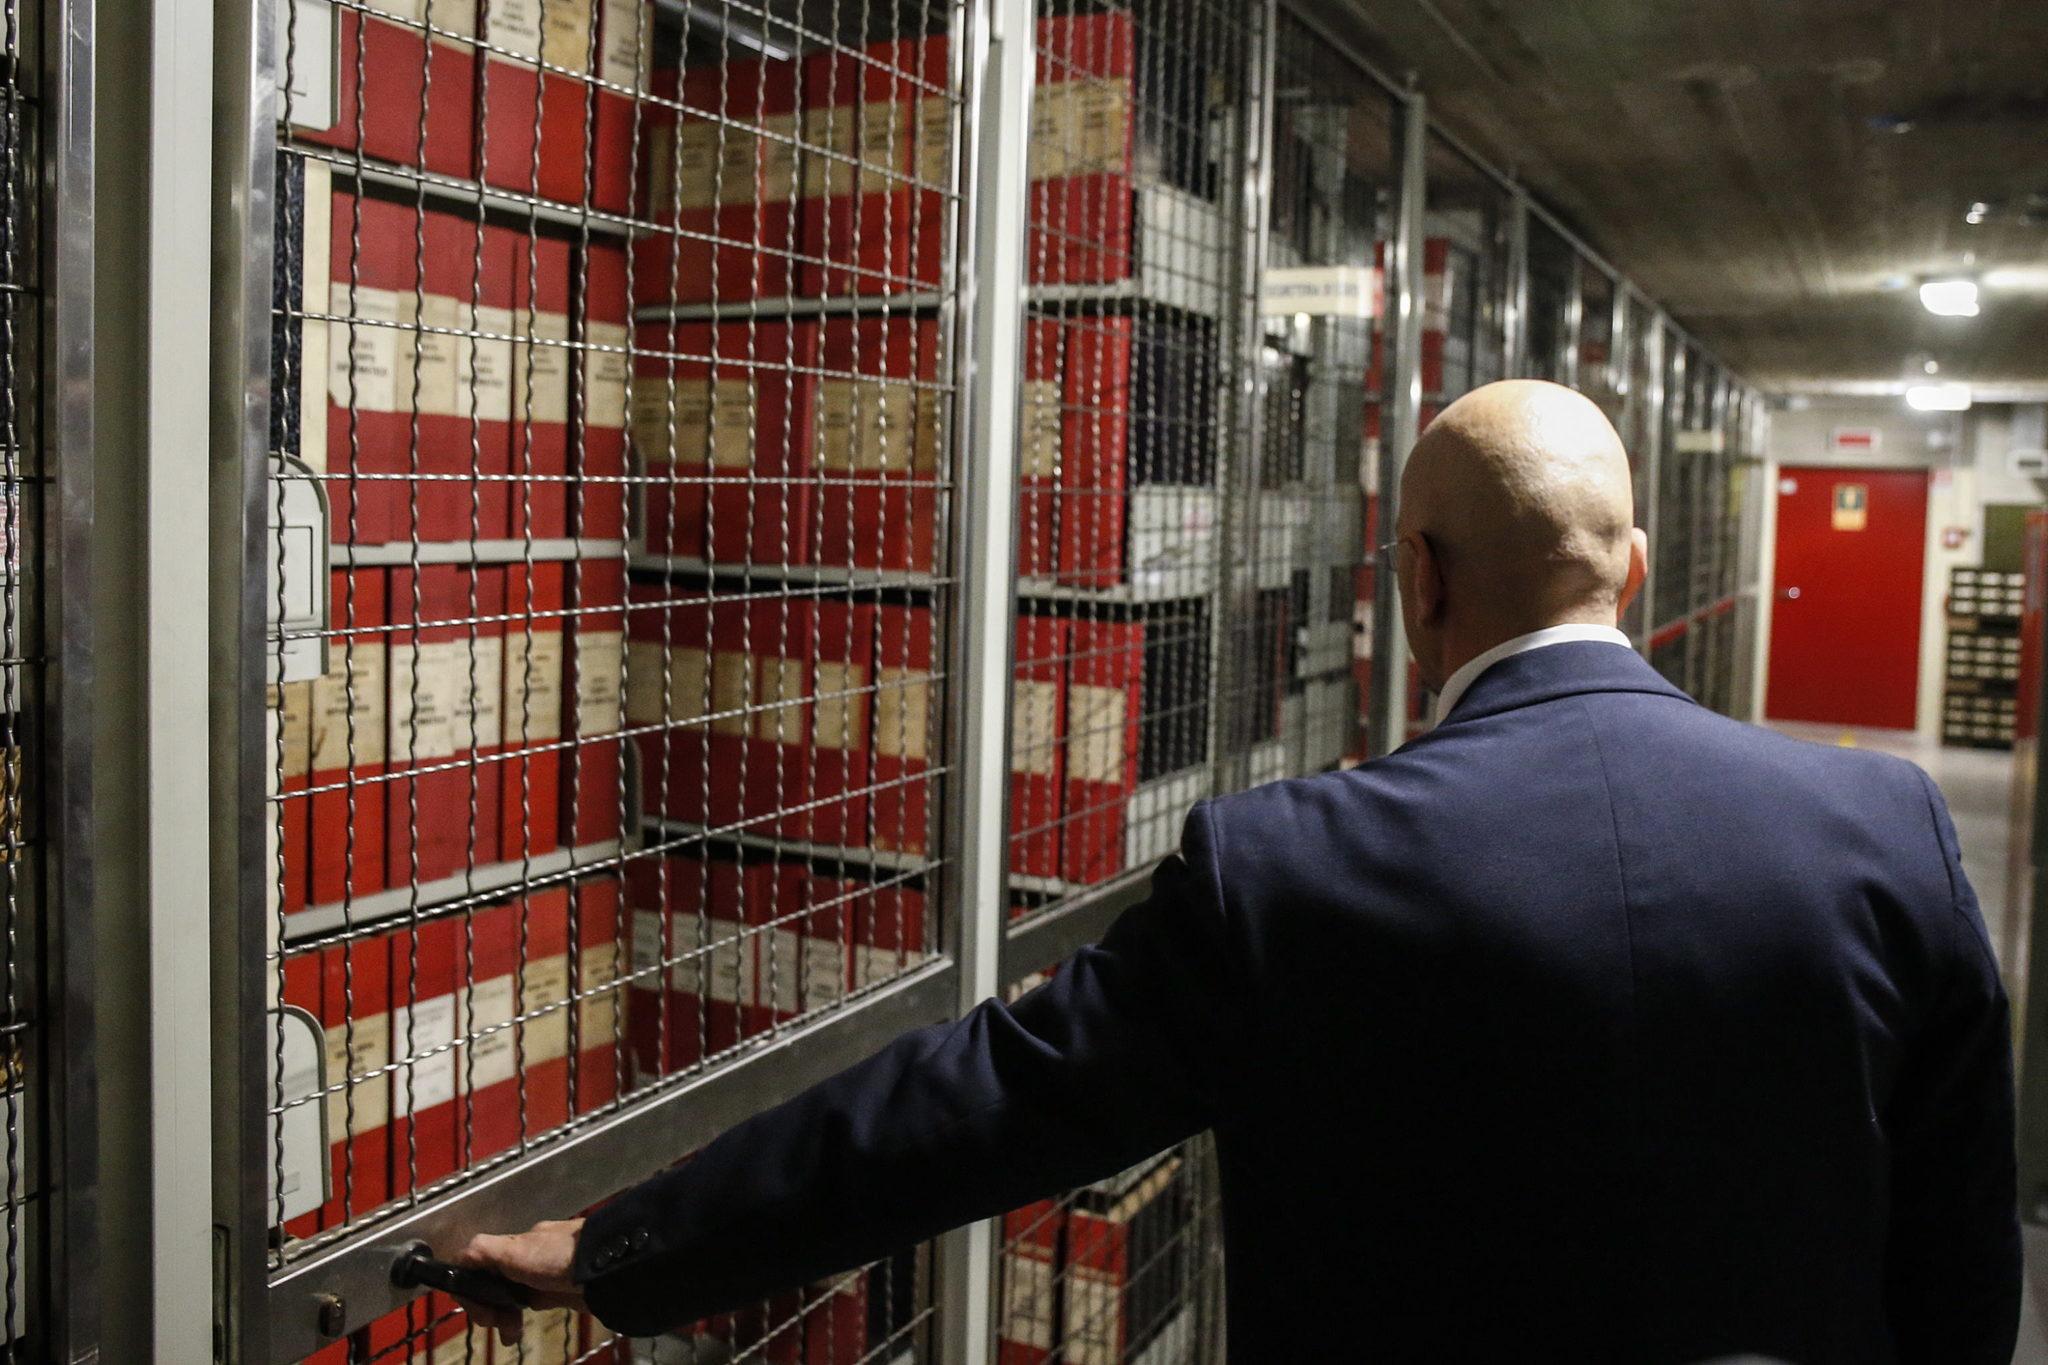 Otworzono część archiwów watykańskich. Fot. EPA/FABIO FRUSTACI